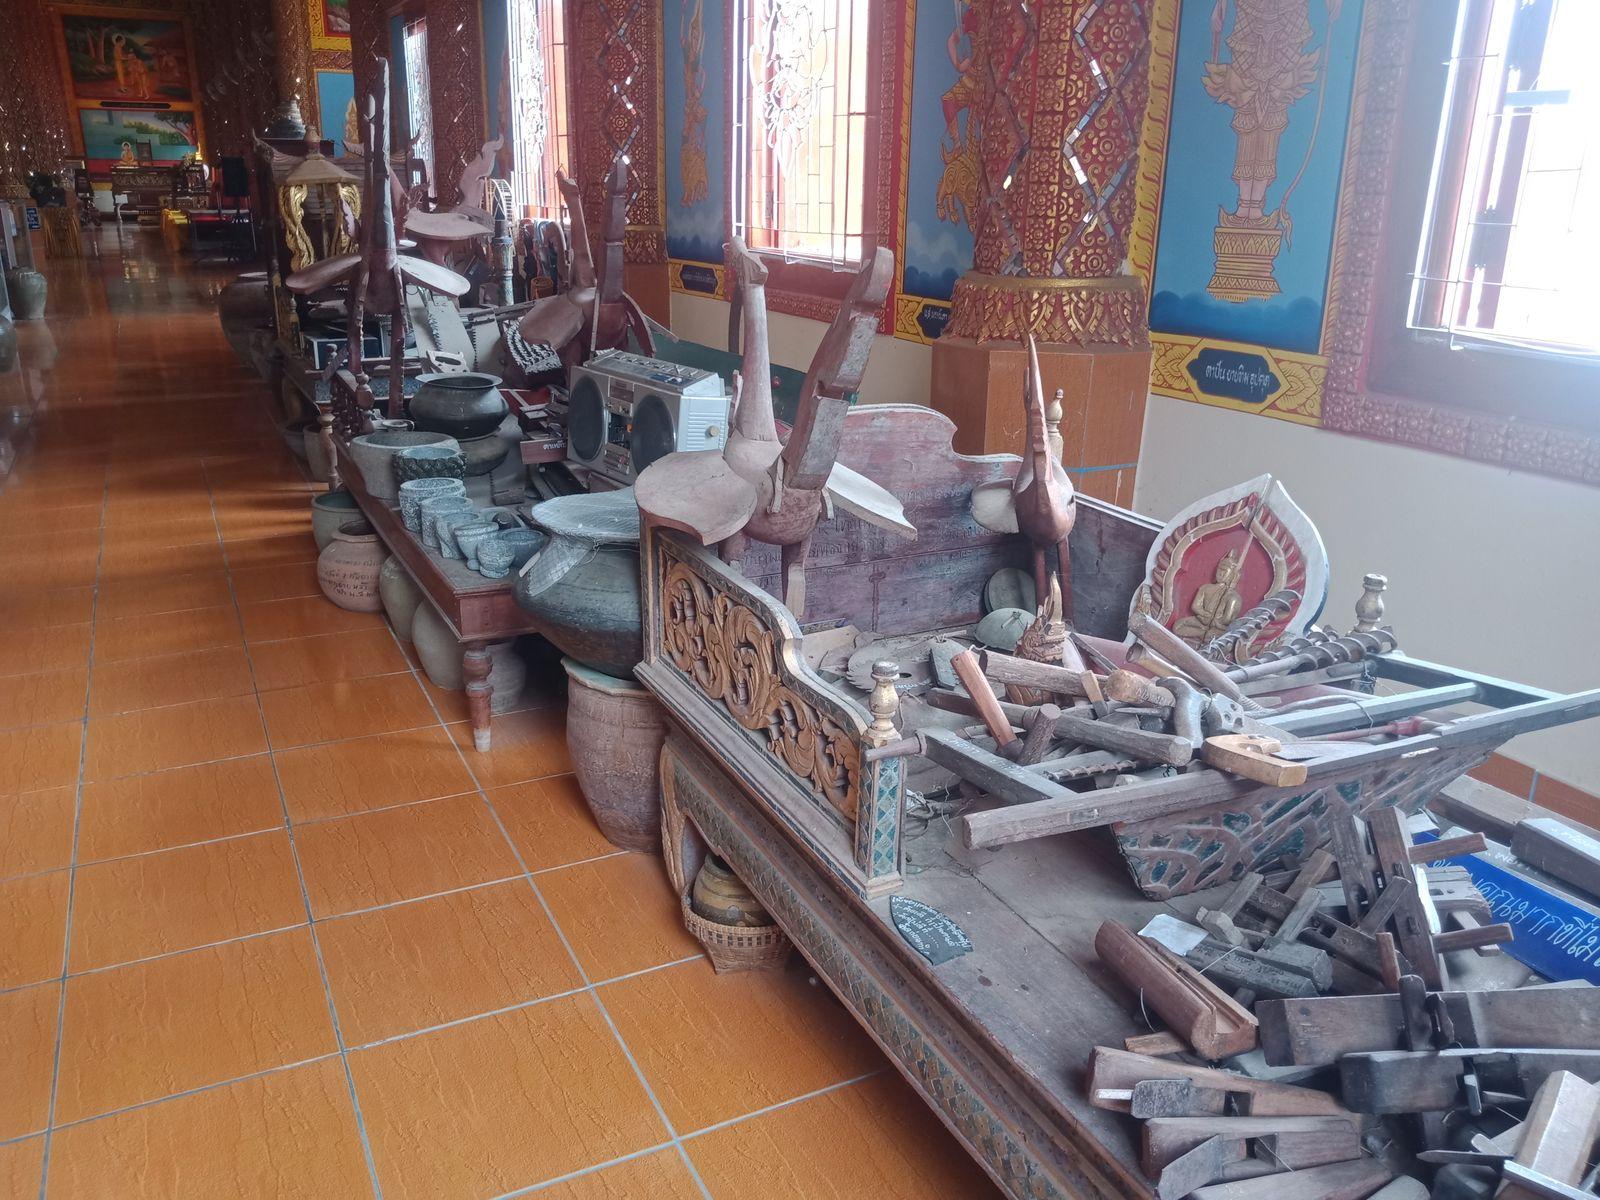 ของโบราณหาชมยากภายในพิภิธภัณฑ์วัดพระบรมธาตุ